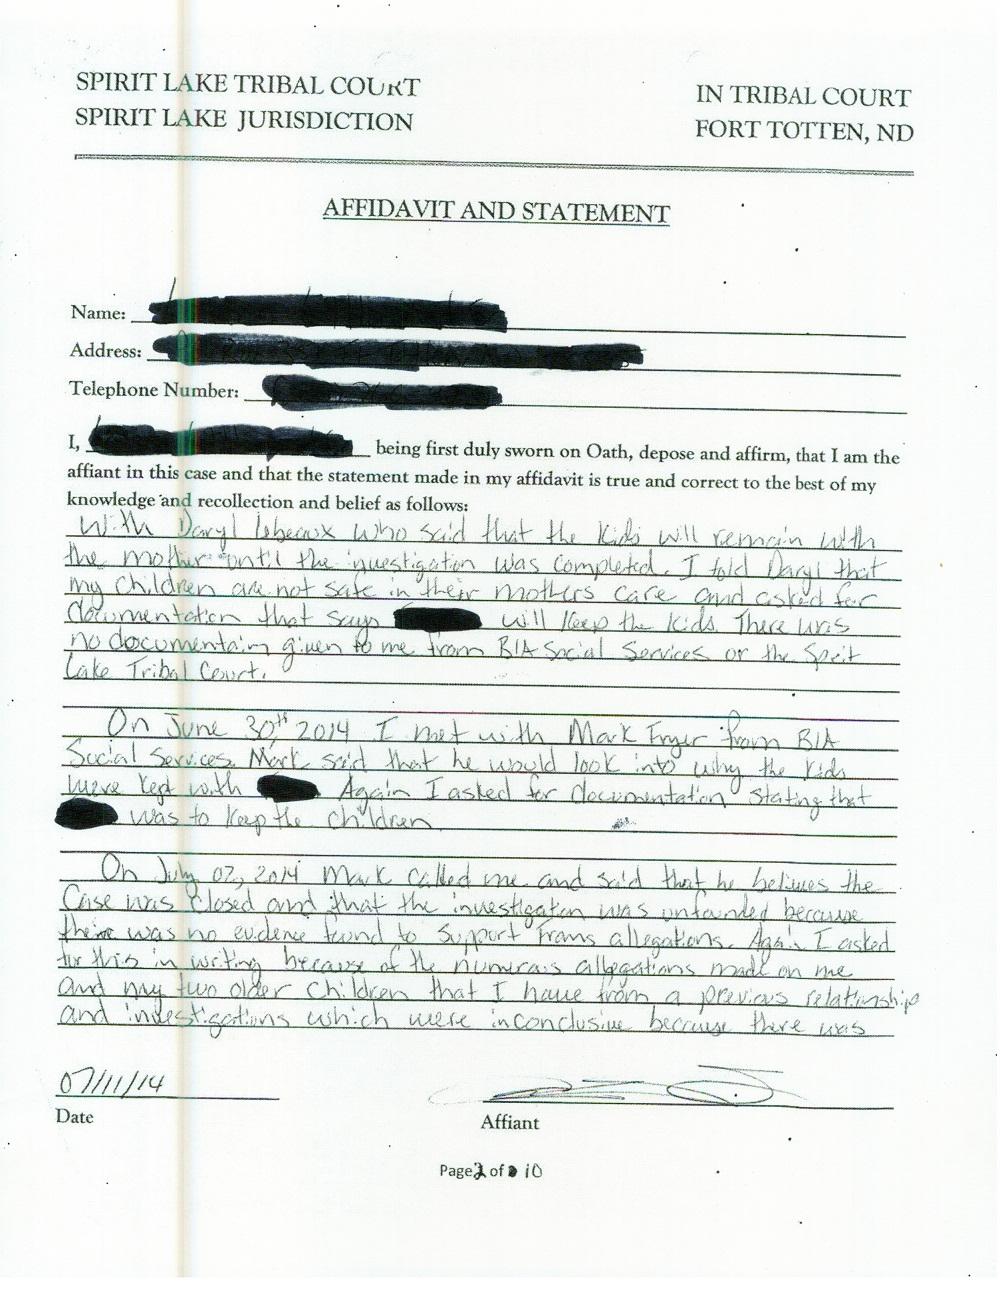 10 Page Affidavit July 11 2014 - page 2